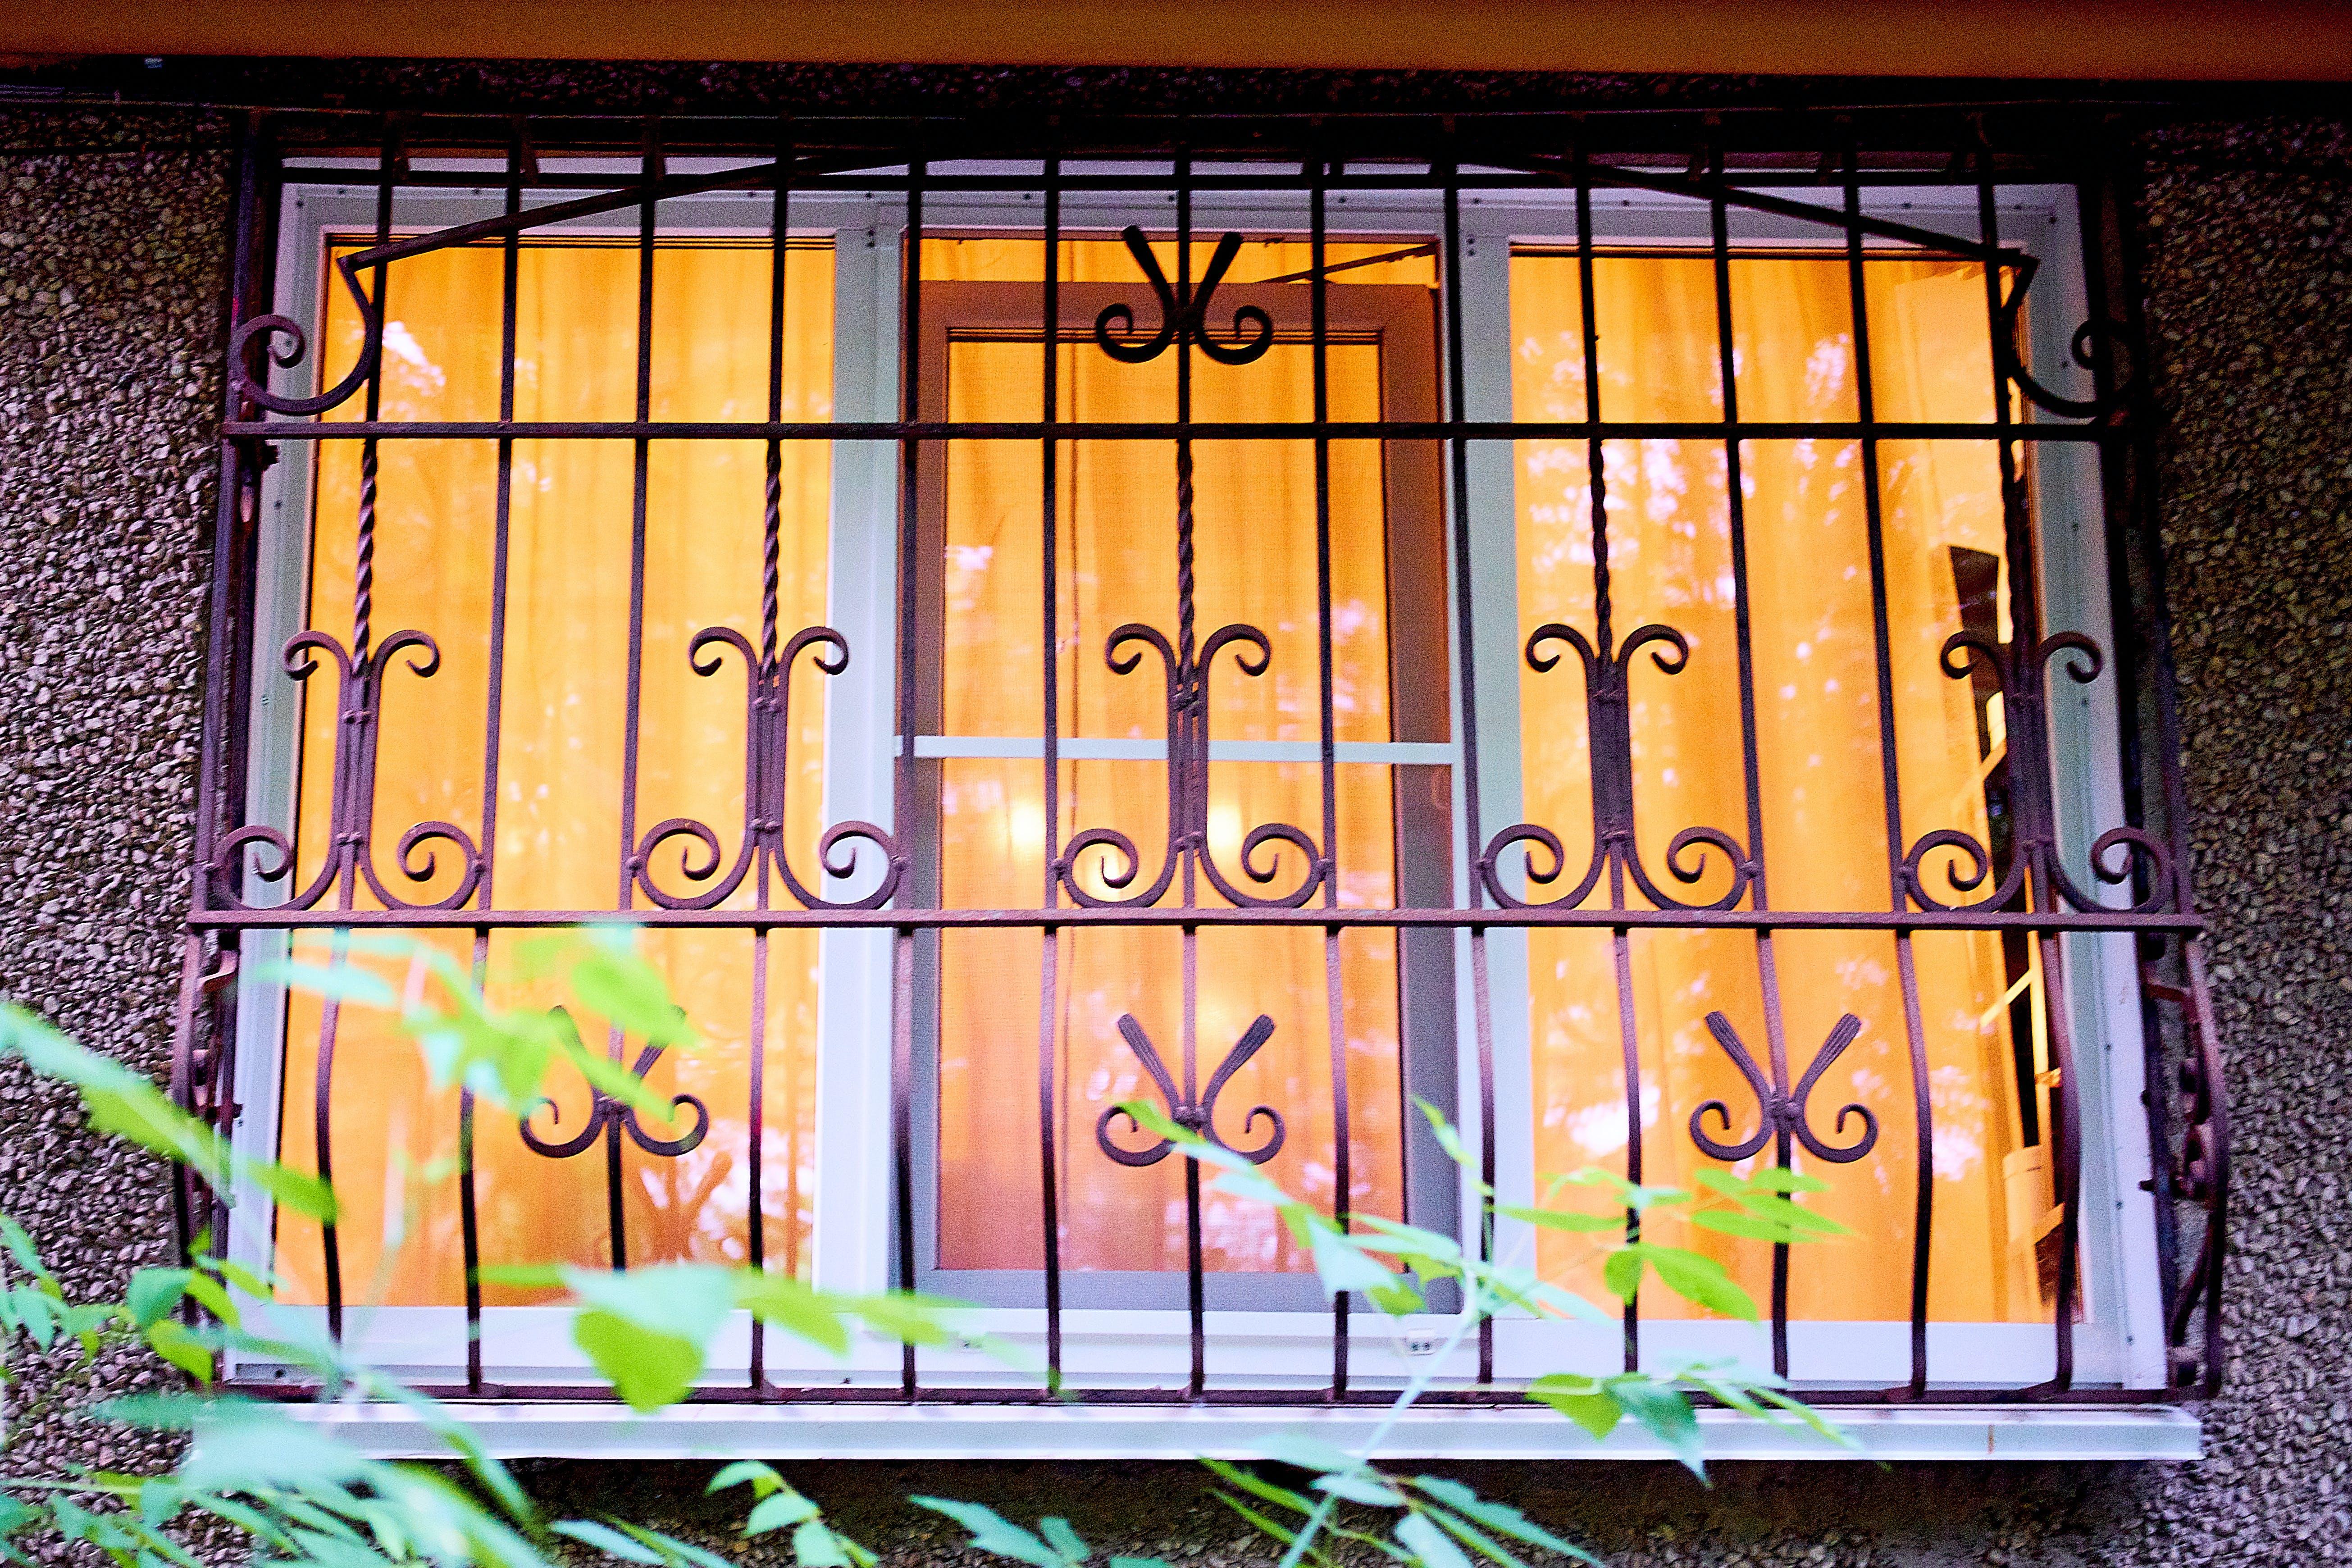 Kostnadsfri bild av glasfönster, grön, ljus